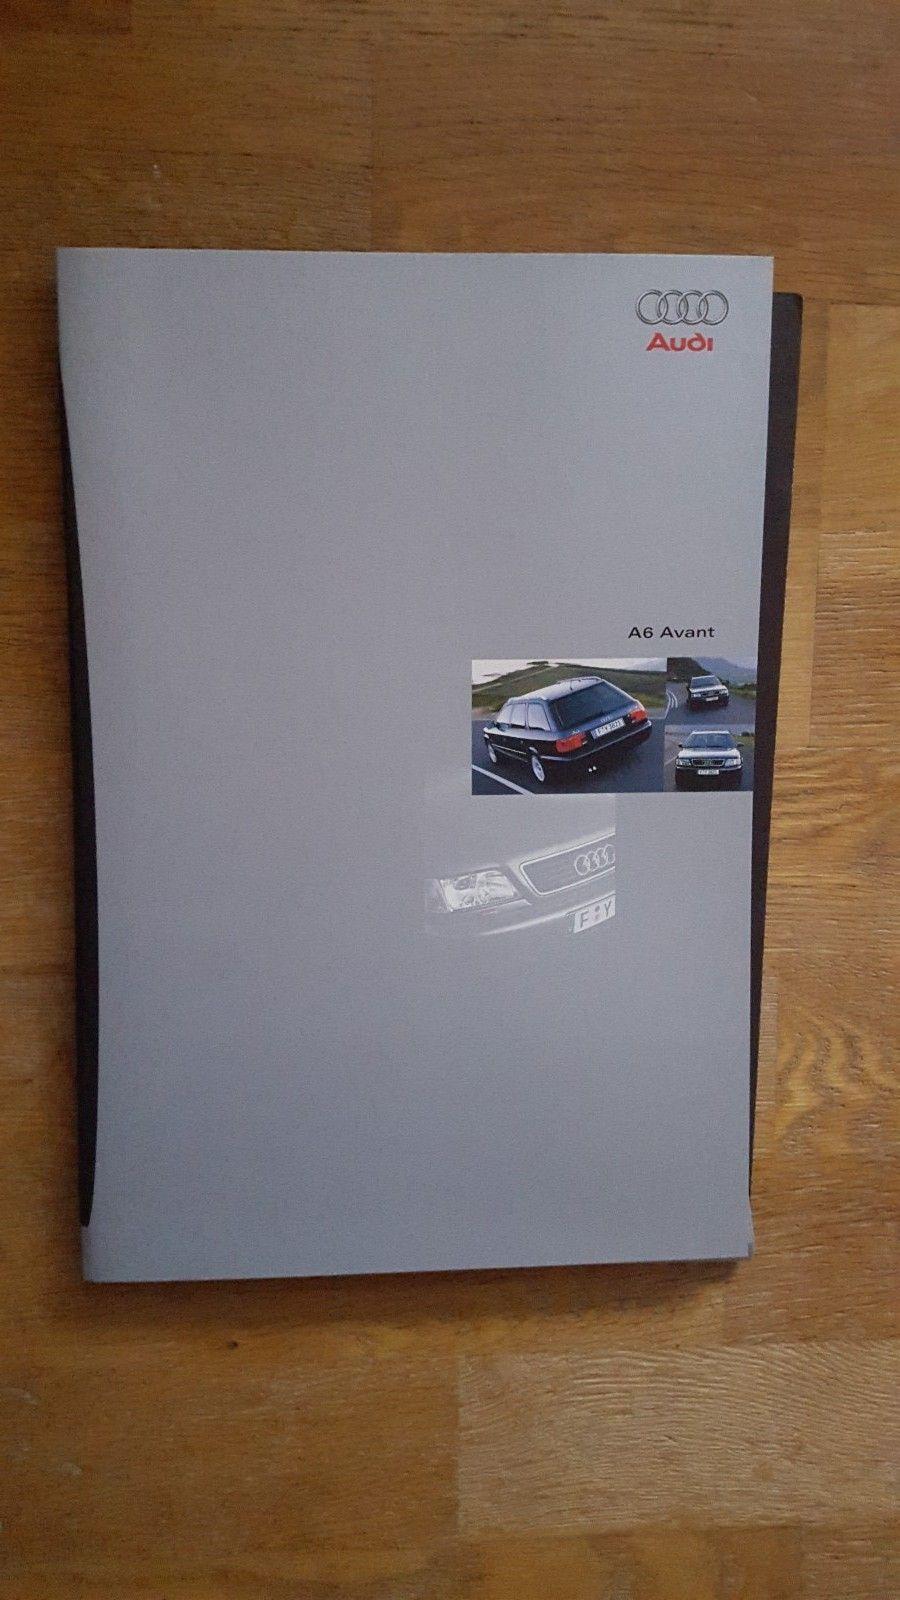 Brosjyre Audi A6 Avant 1997 - Sandefjord  - Bilbrosjyre Audi A6 Avant 1997, mappe som inneholder hovedbrosjyre på 48 sider, tekniske data + farger på 30 sider og ekstrautstur på 14 sider, tysk, meget god stand, kr. 150,- + porto - Sandefjord